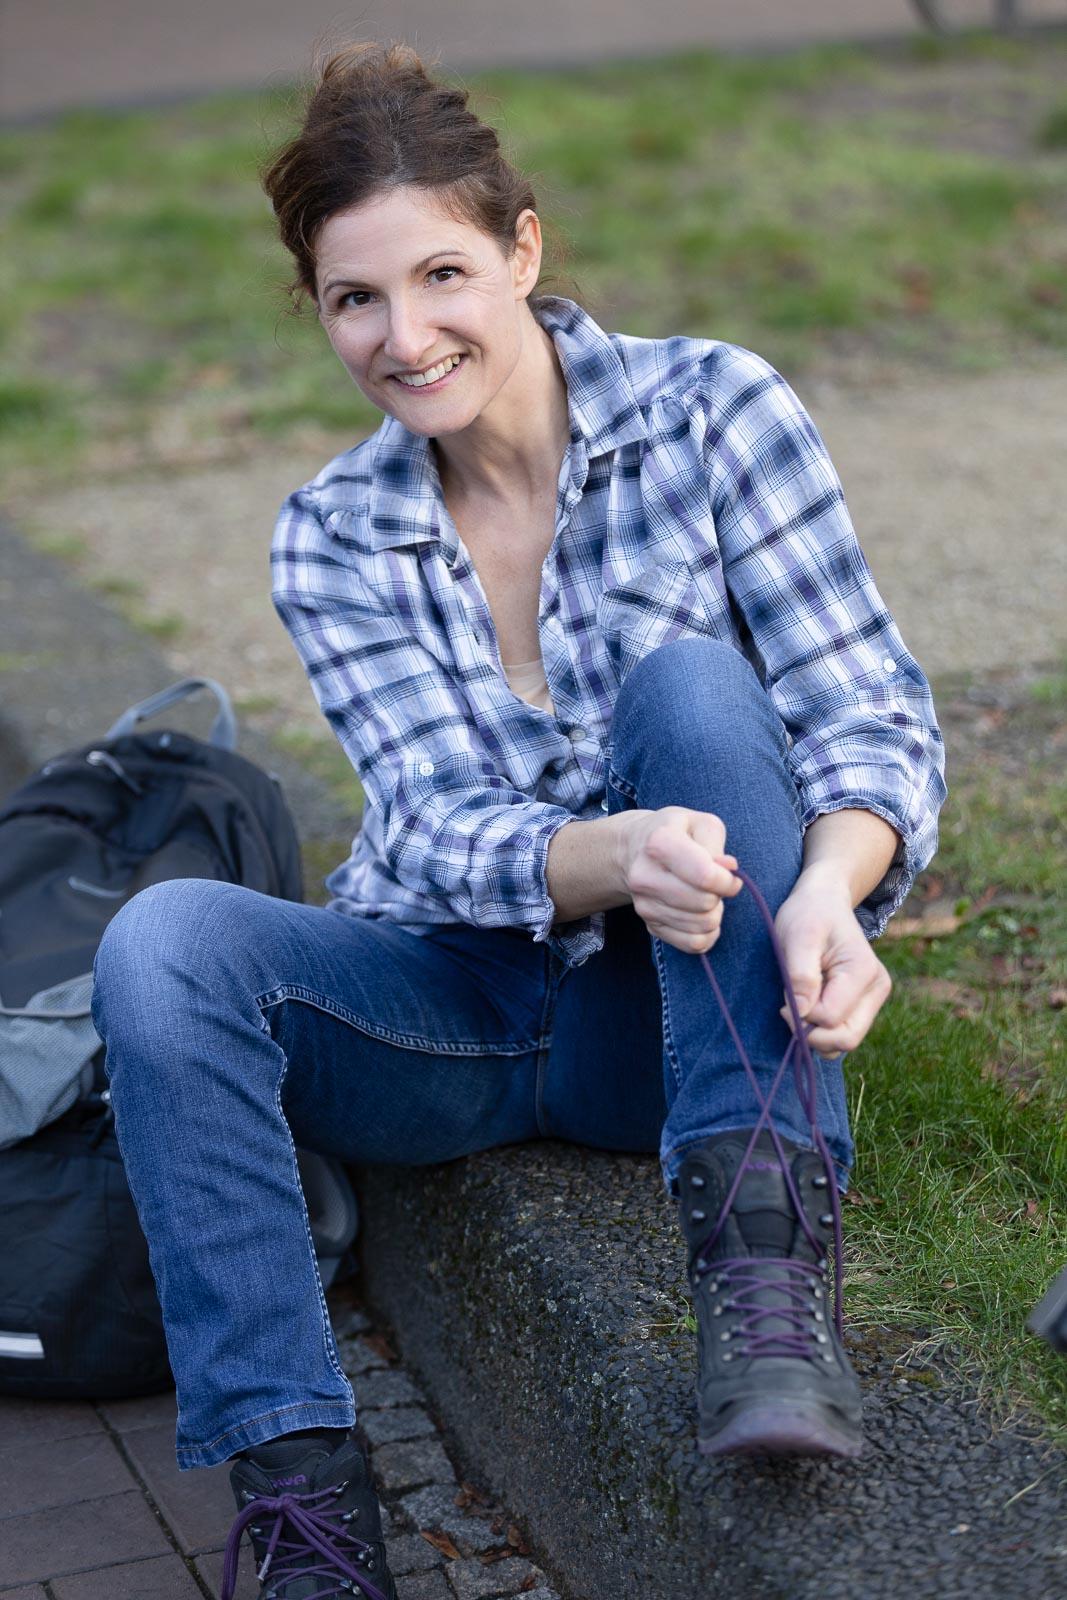 Dating-Foto einer lachenden, braunhaarigen Frau in blau karriertem Hemd die ihre Wanderstiefel zubindet